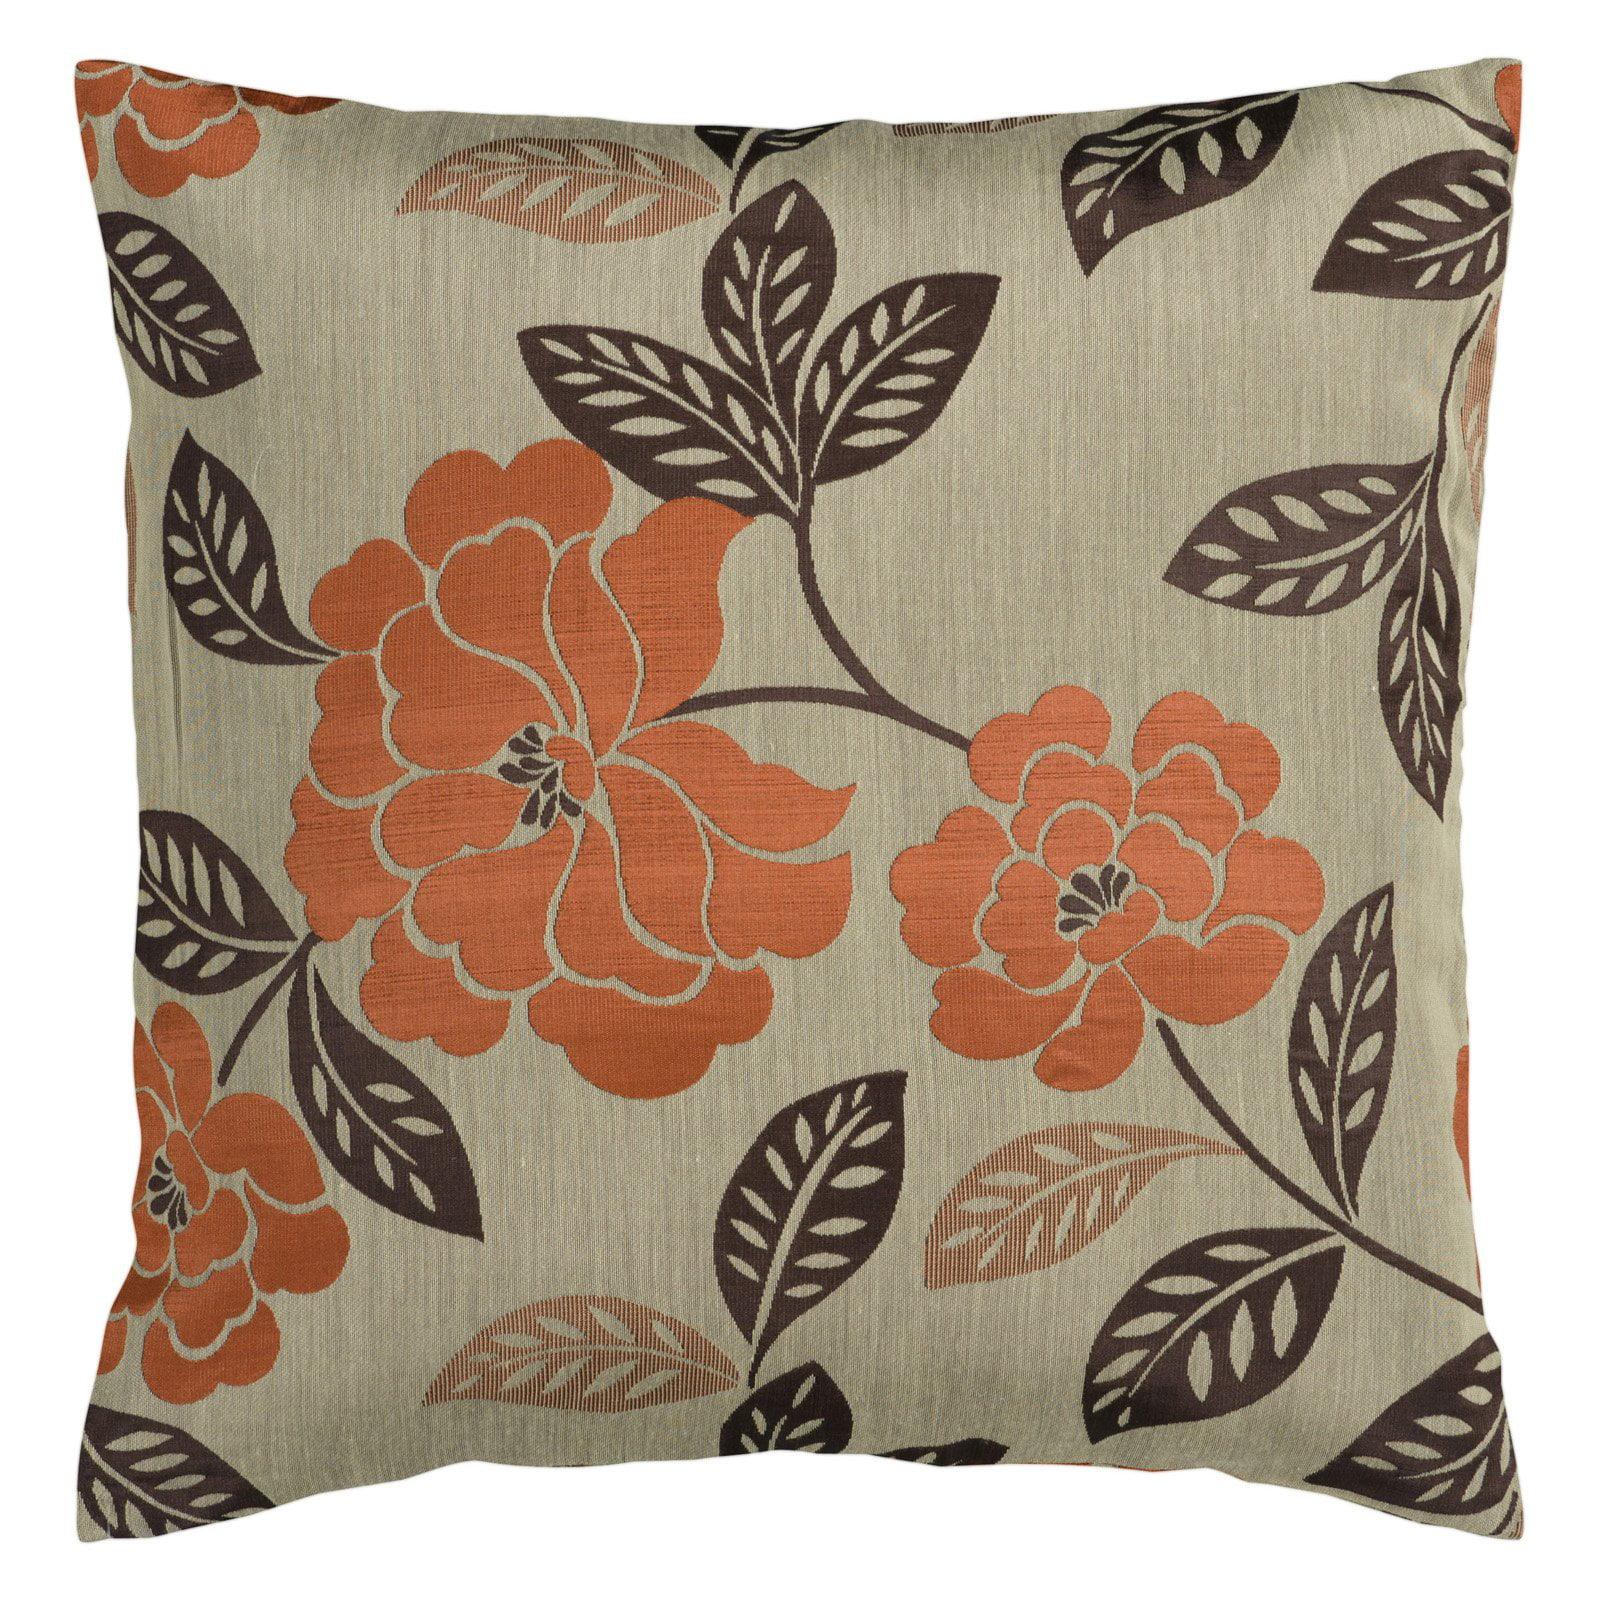 Surya Harwich Decorative Pillow - Beige